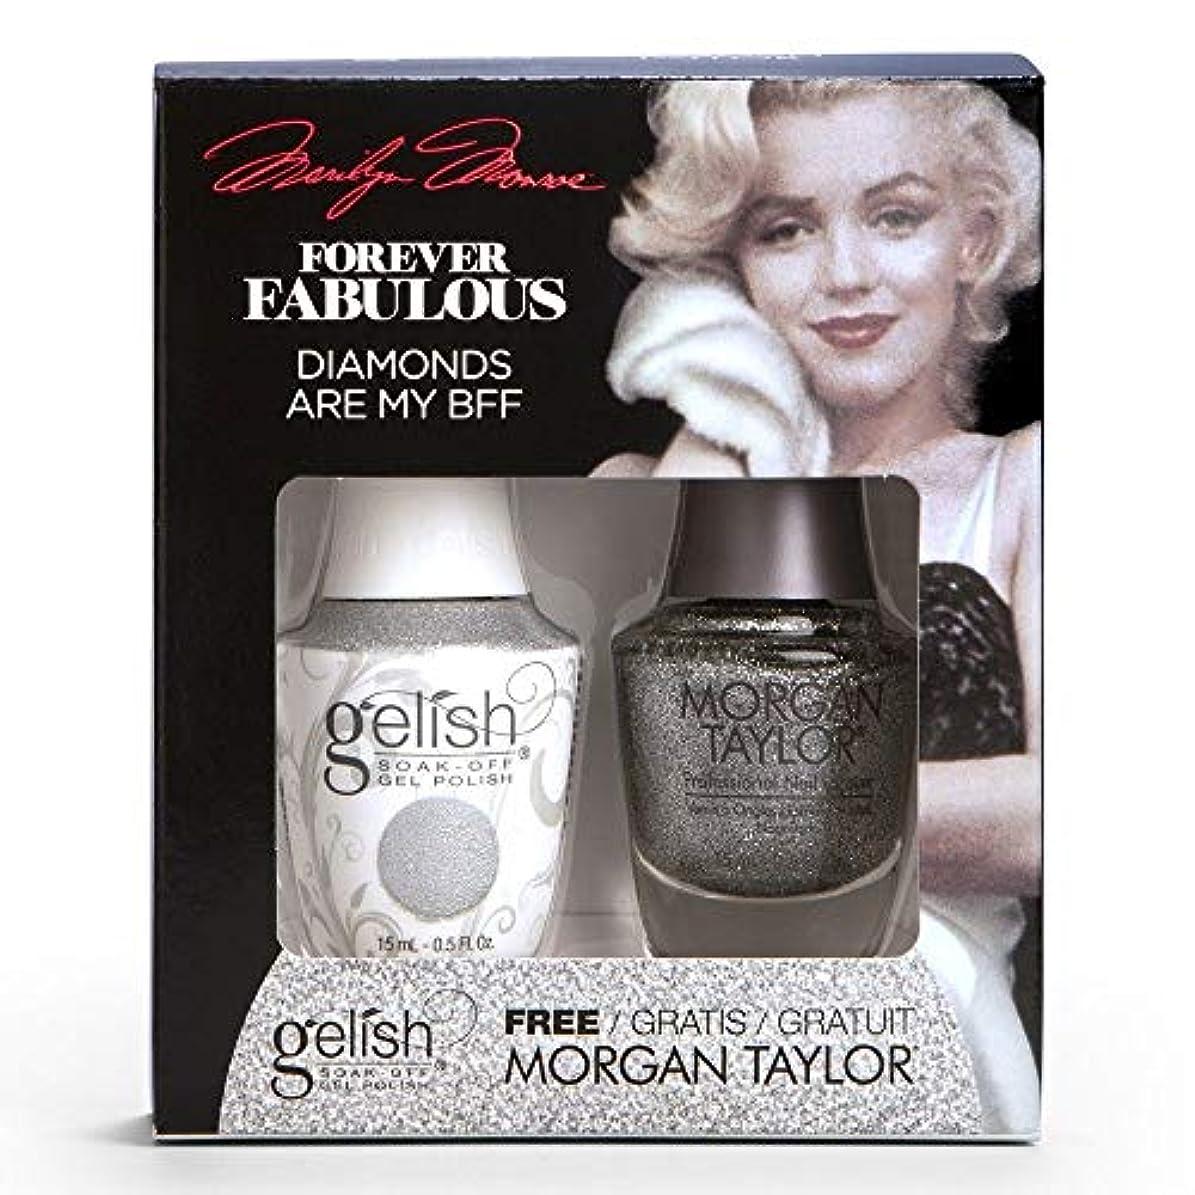 主みすぼらしい外国人Harmony Gelish & Morgan Taylor - Two Of A Kind - Forever Fabulous Marilyn Monroe - Diamonds Are My BFF - 15 mL...